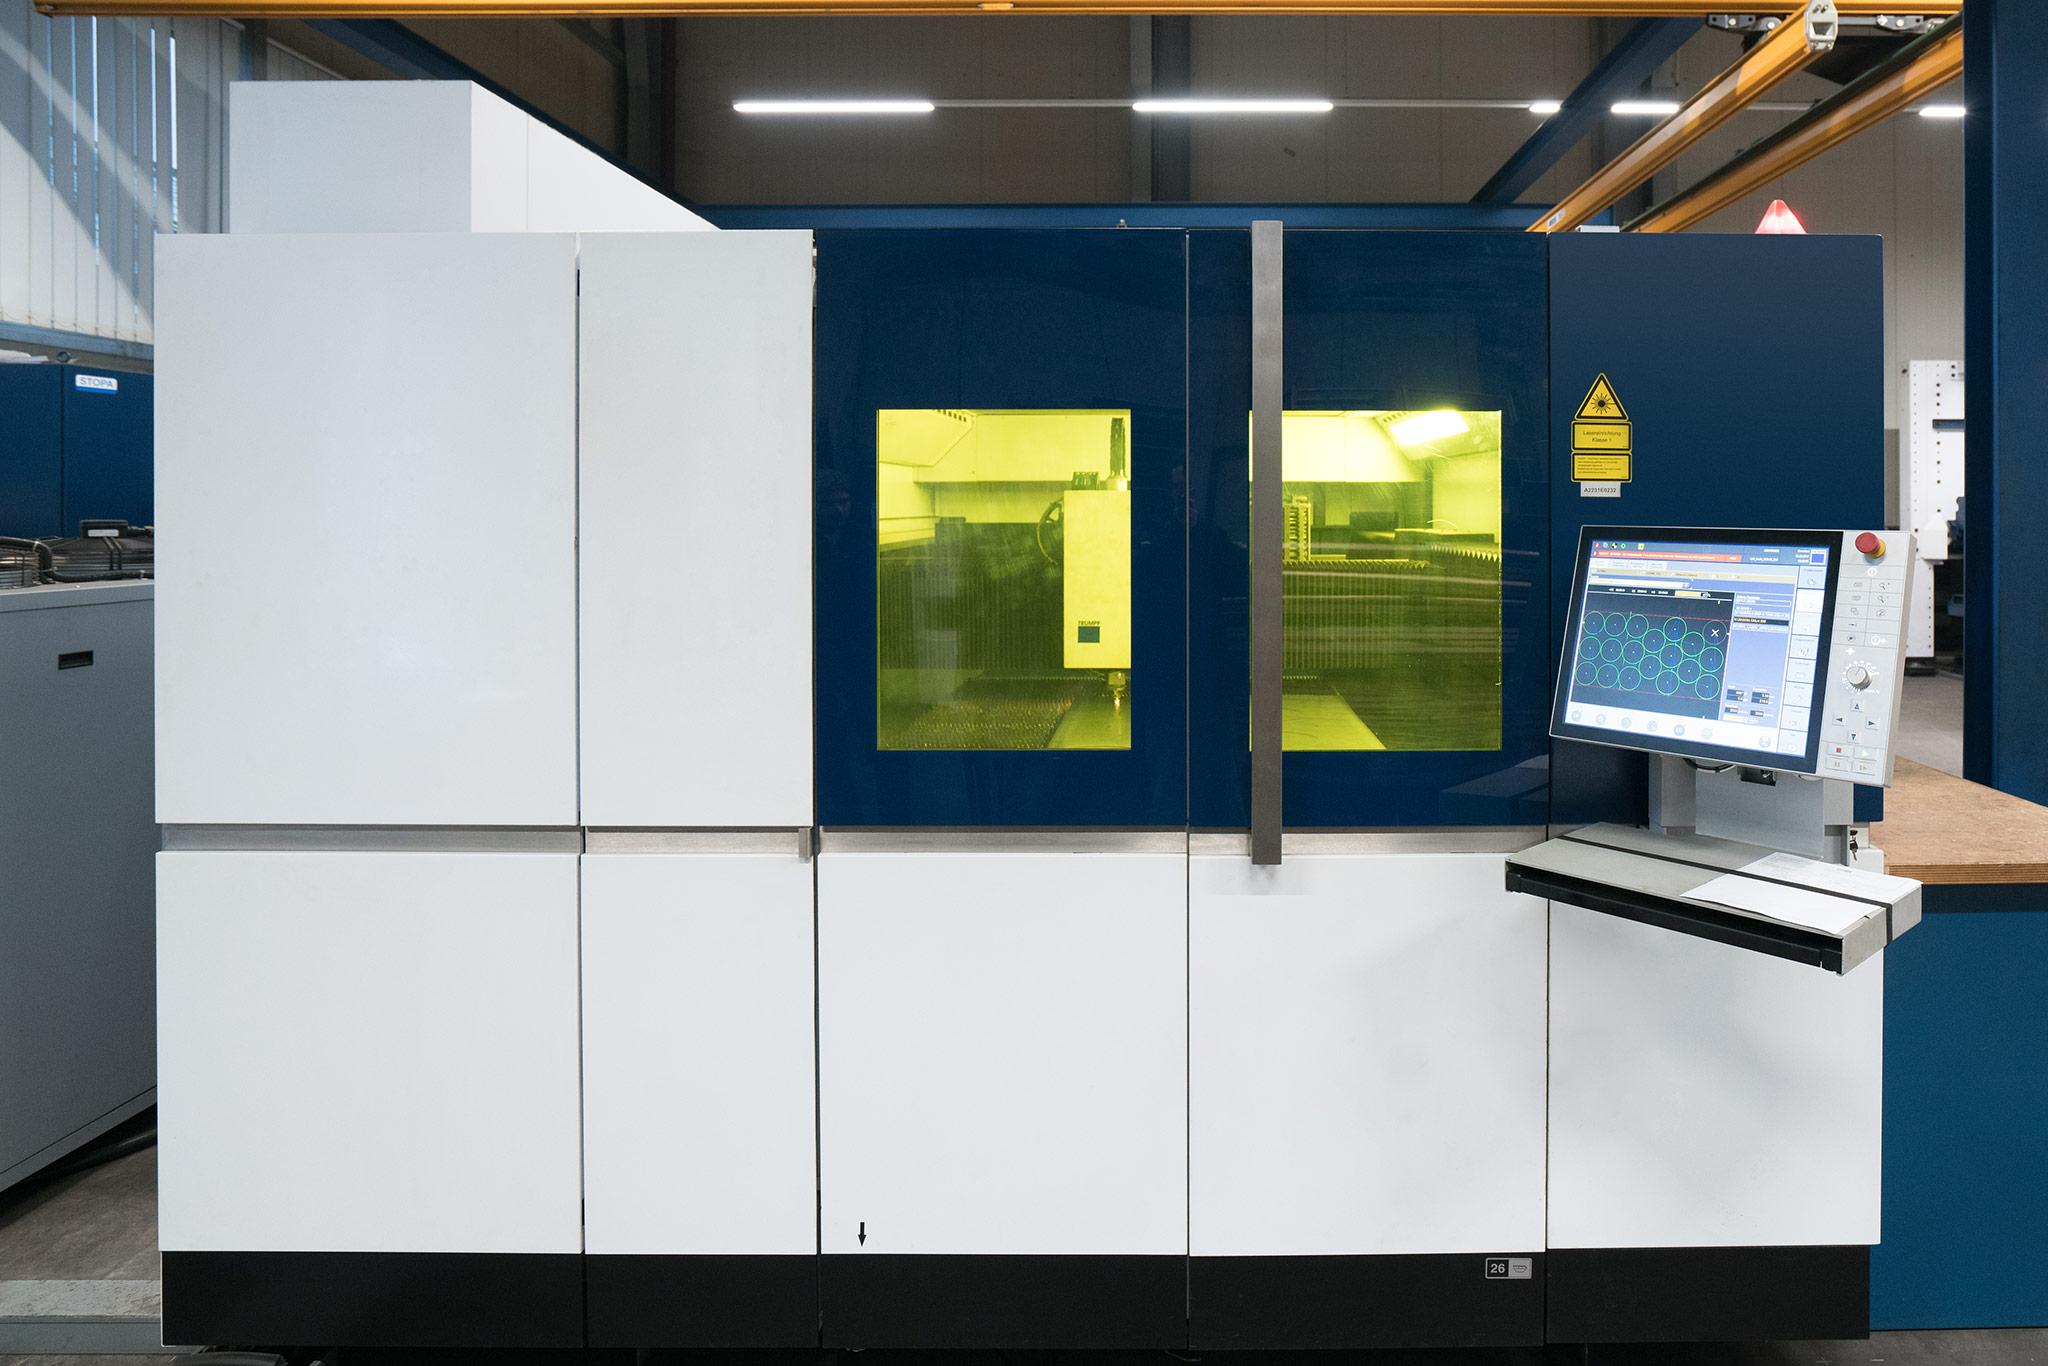 Trumpf Fiber Laser Wilhelm Honebein Maschinen- und Gerätebau GmbH